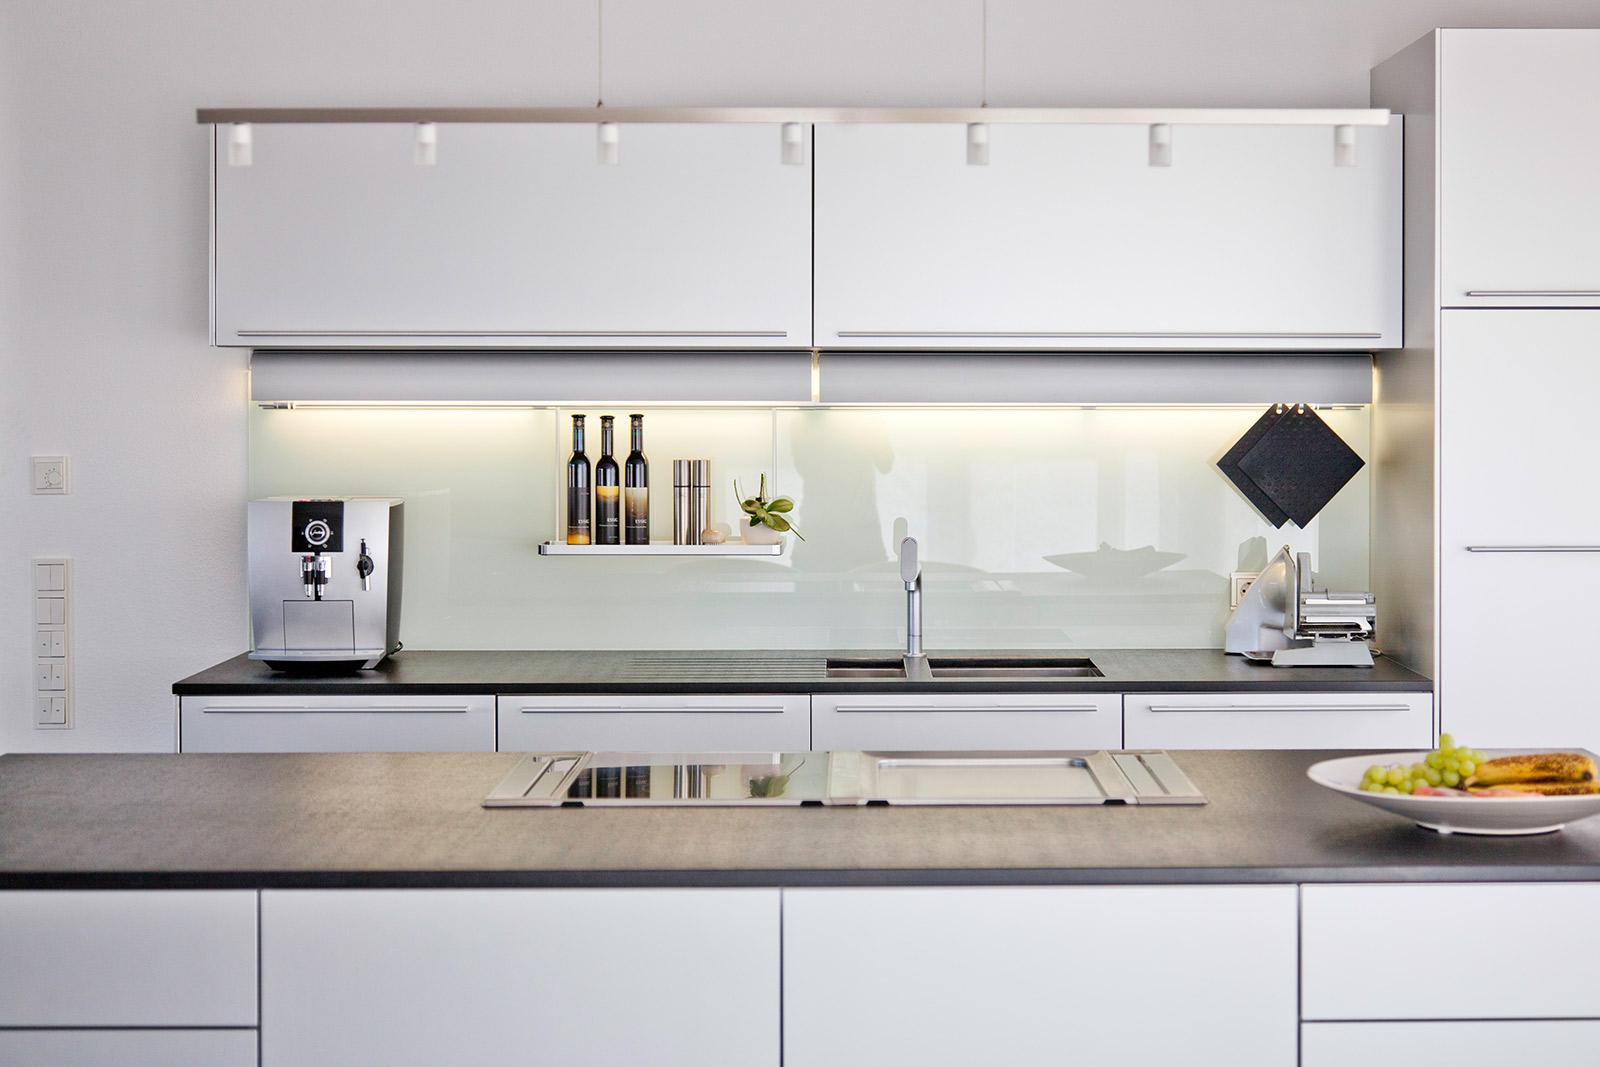 Erfreut Küche Design Unternehmen In Dubai Galerie - Küchen Ideen ...